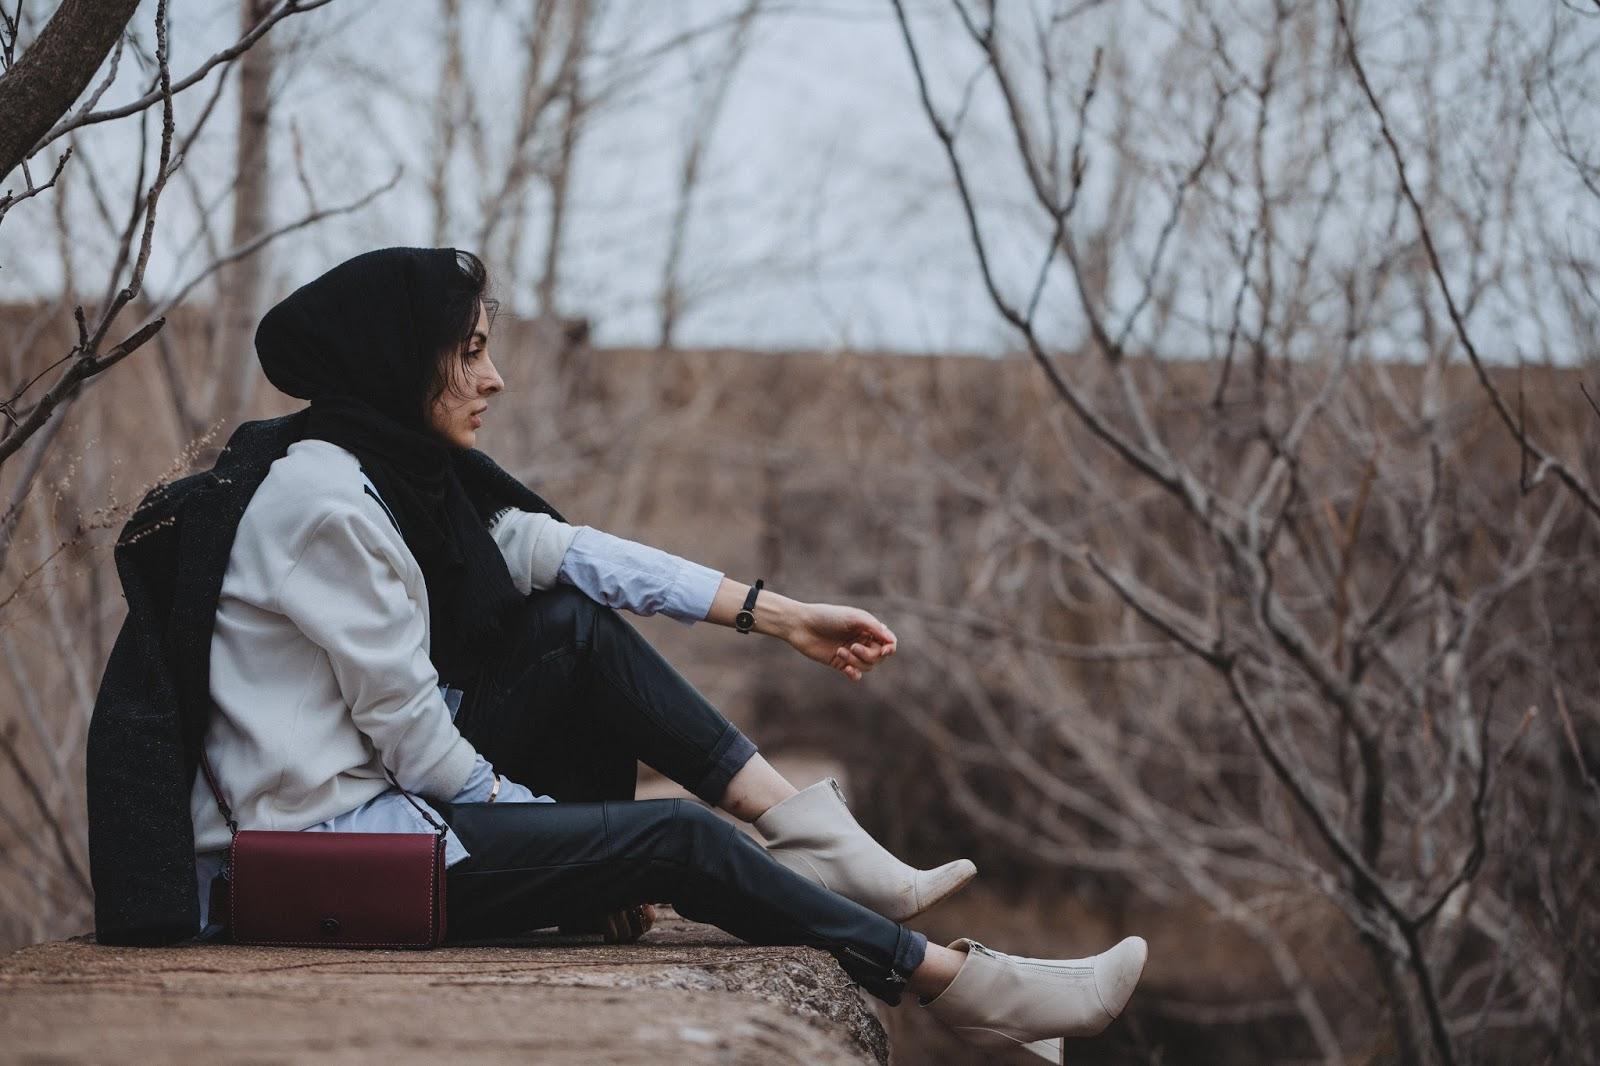 hijab fashion, hijab fashion blog, coach fashion editorial, chicago fashion blog, muslim fashion blog